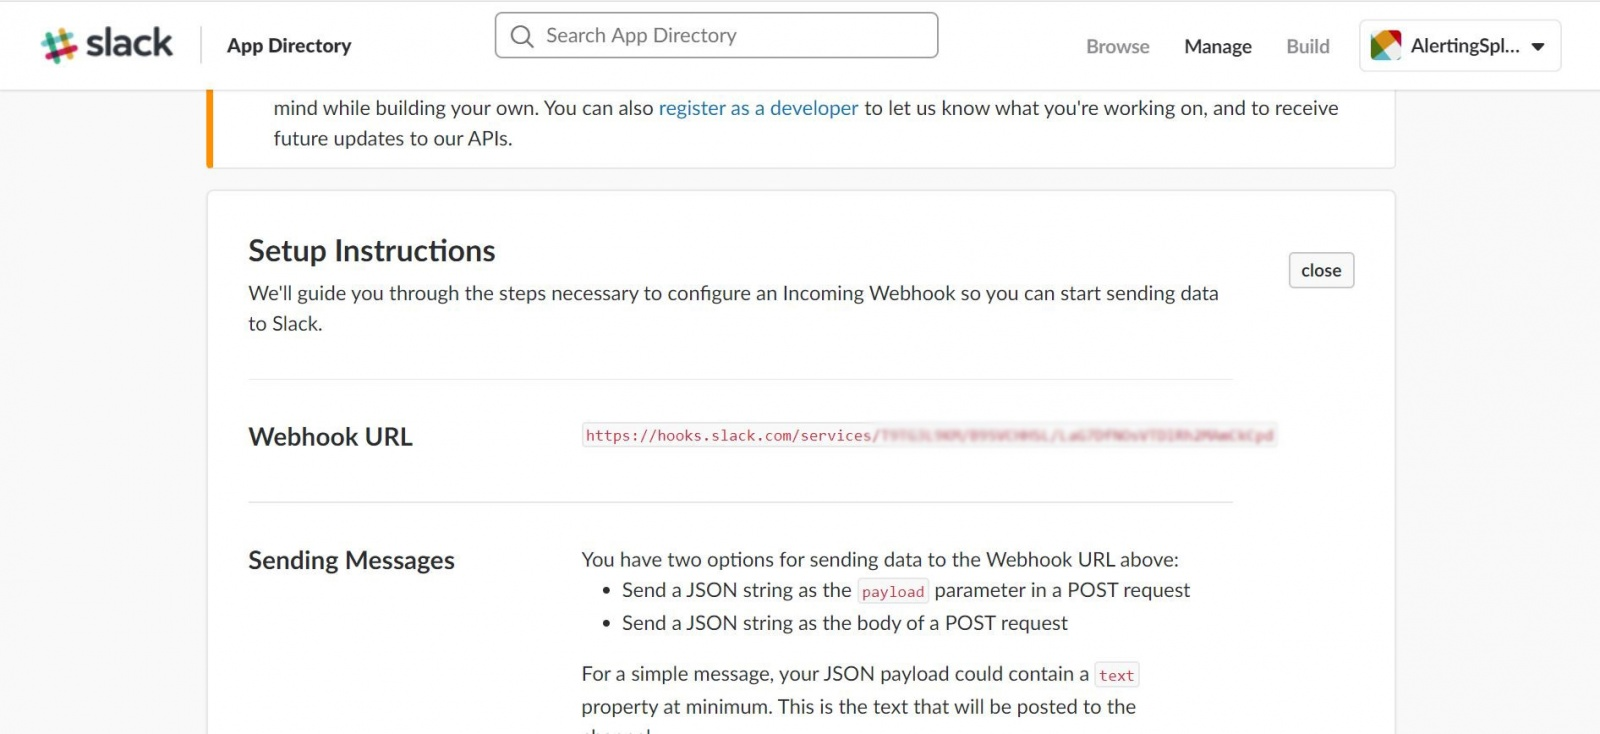 Оповещение в Telegram и Slack в режиме реального времени. Или как сделать Alert в Splunk — Часть 2 - 7